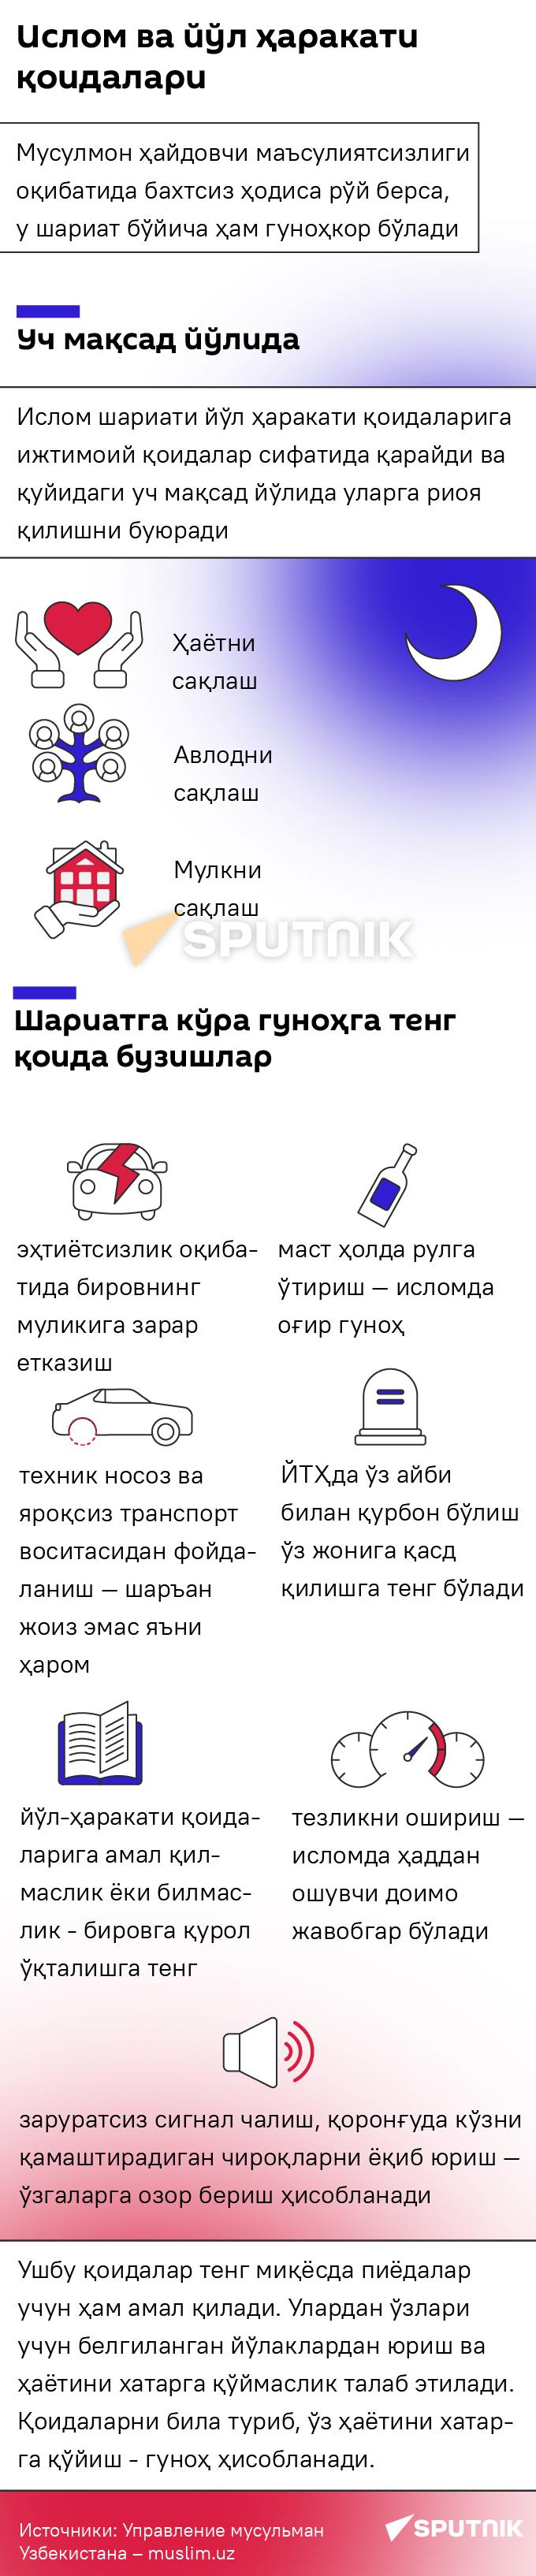 Ислам и ПДД уз мобильная - Sputnik Ўзбекистон